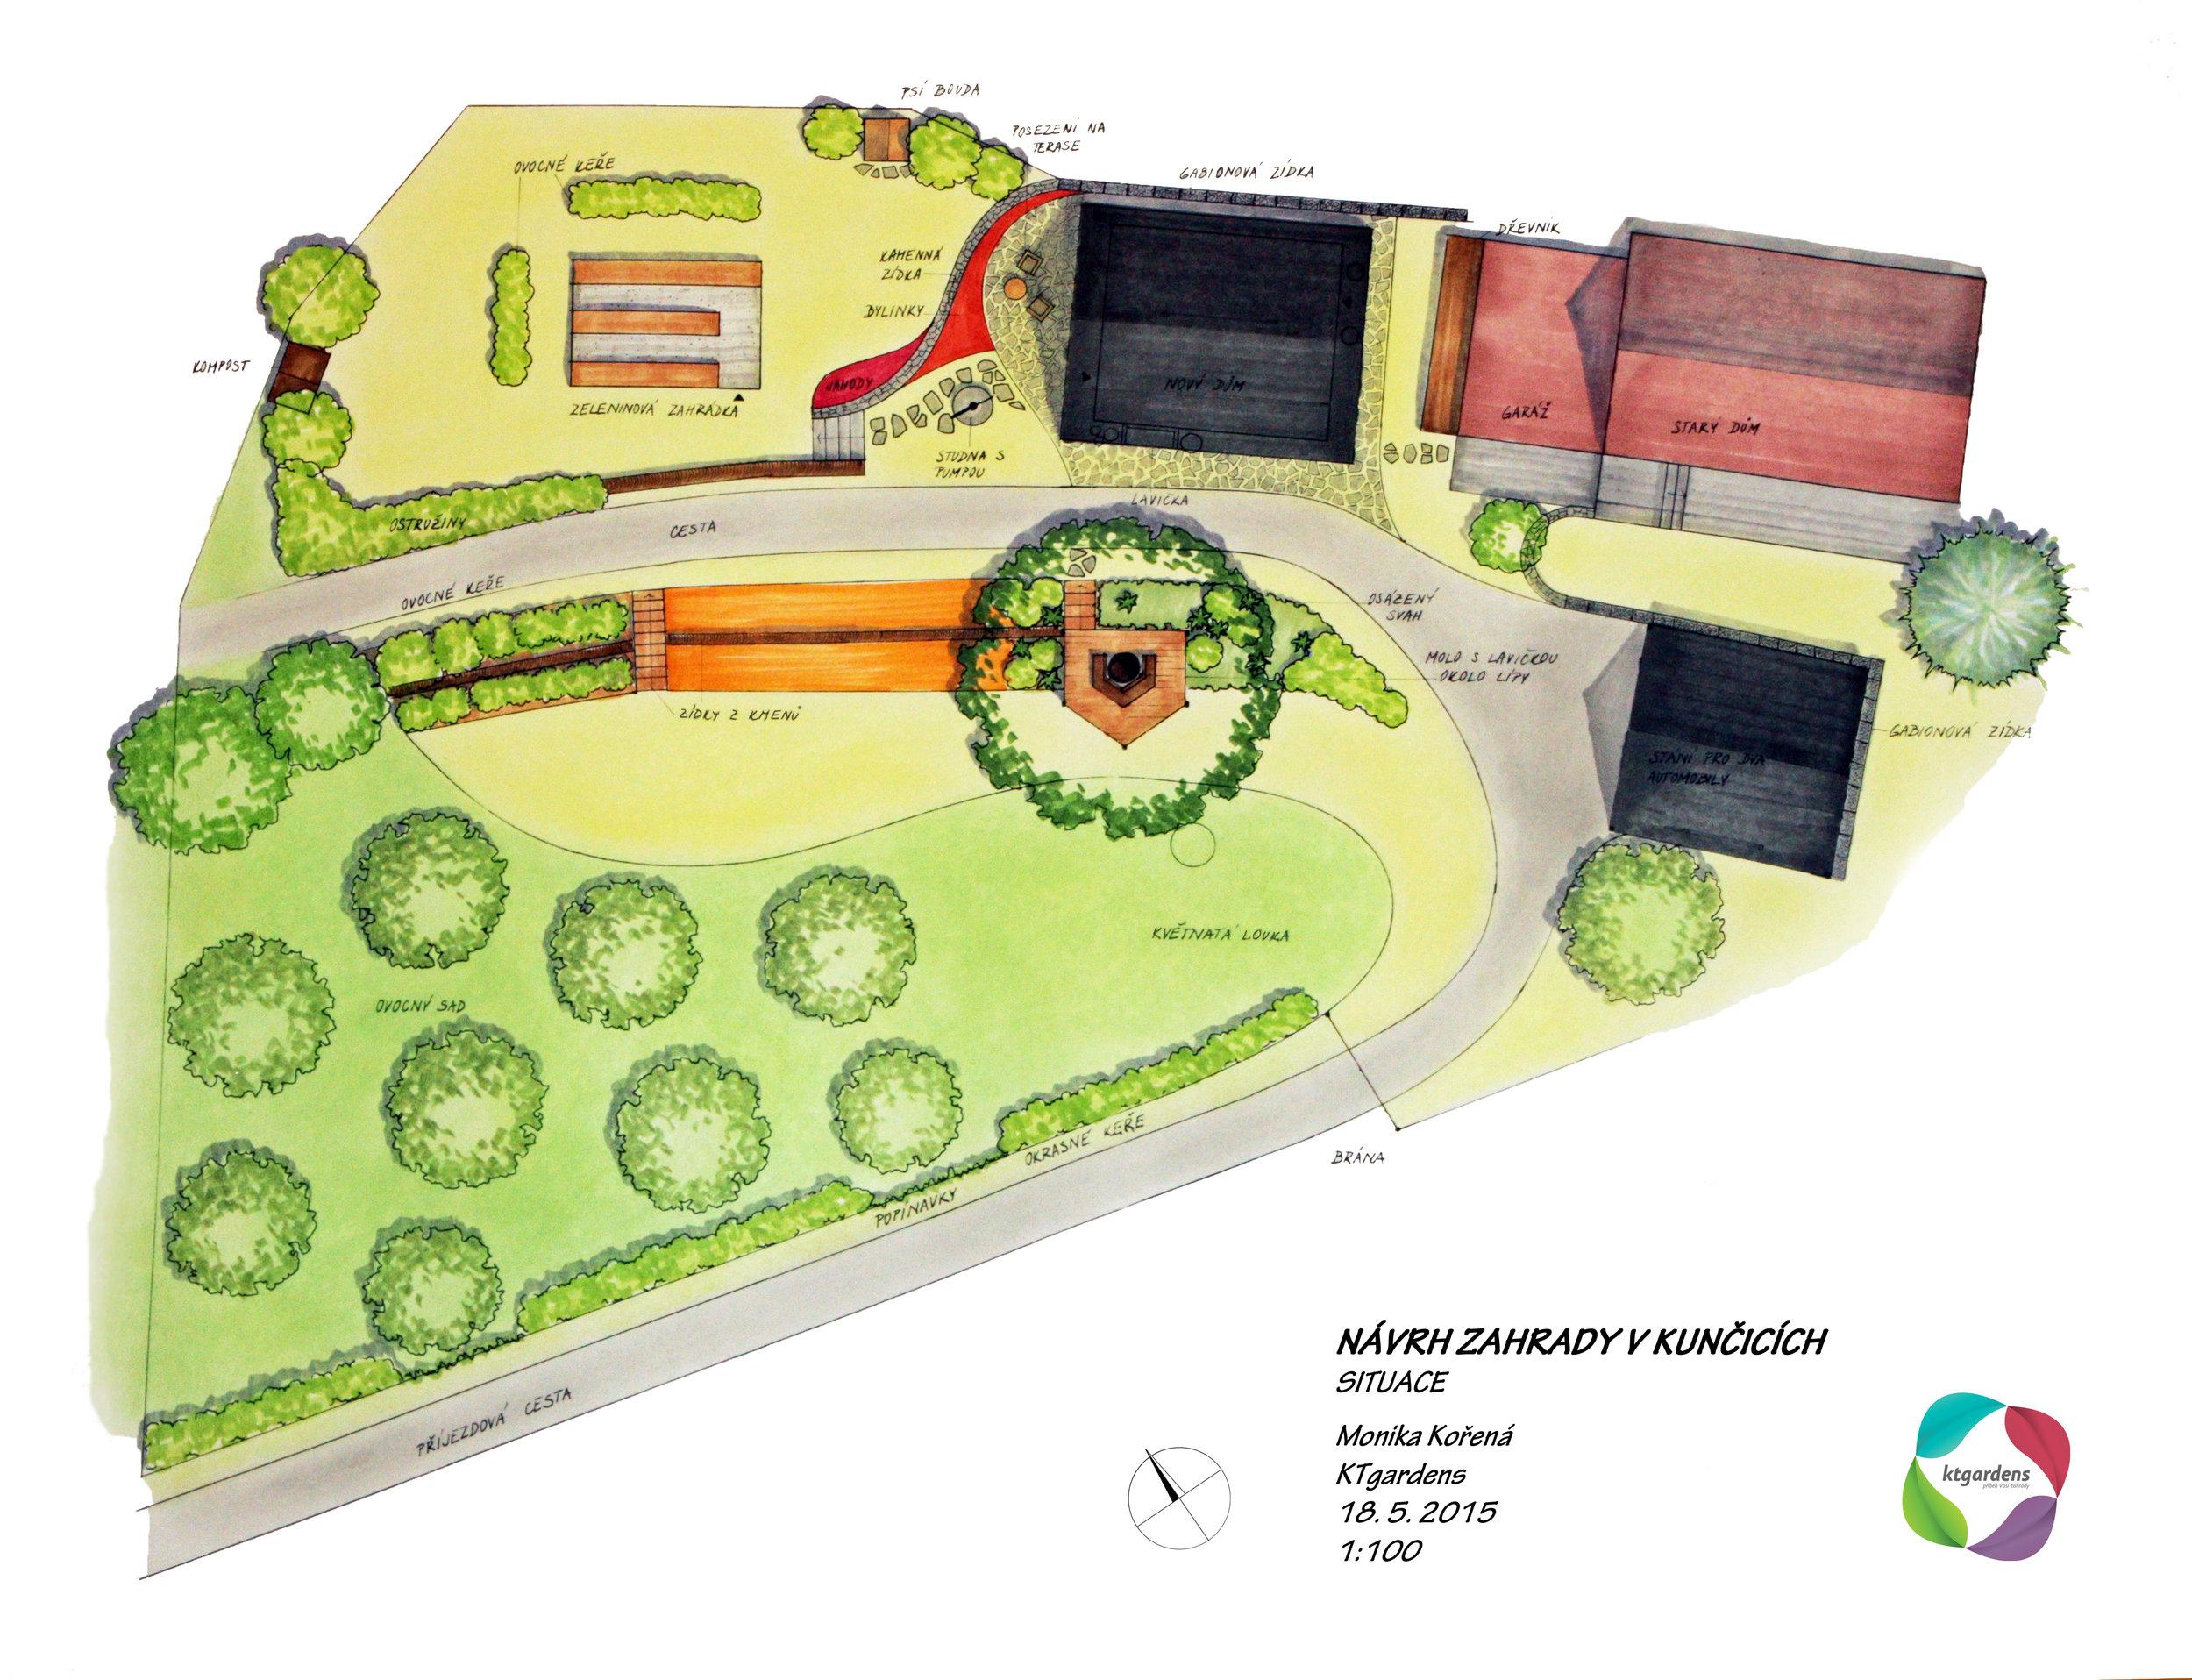 Návrh zahrady v Kunčicích pod Ondřejníkem, venkovská zahrada, KTgardens